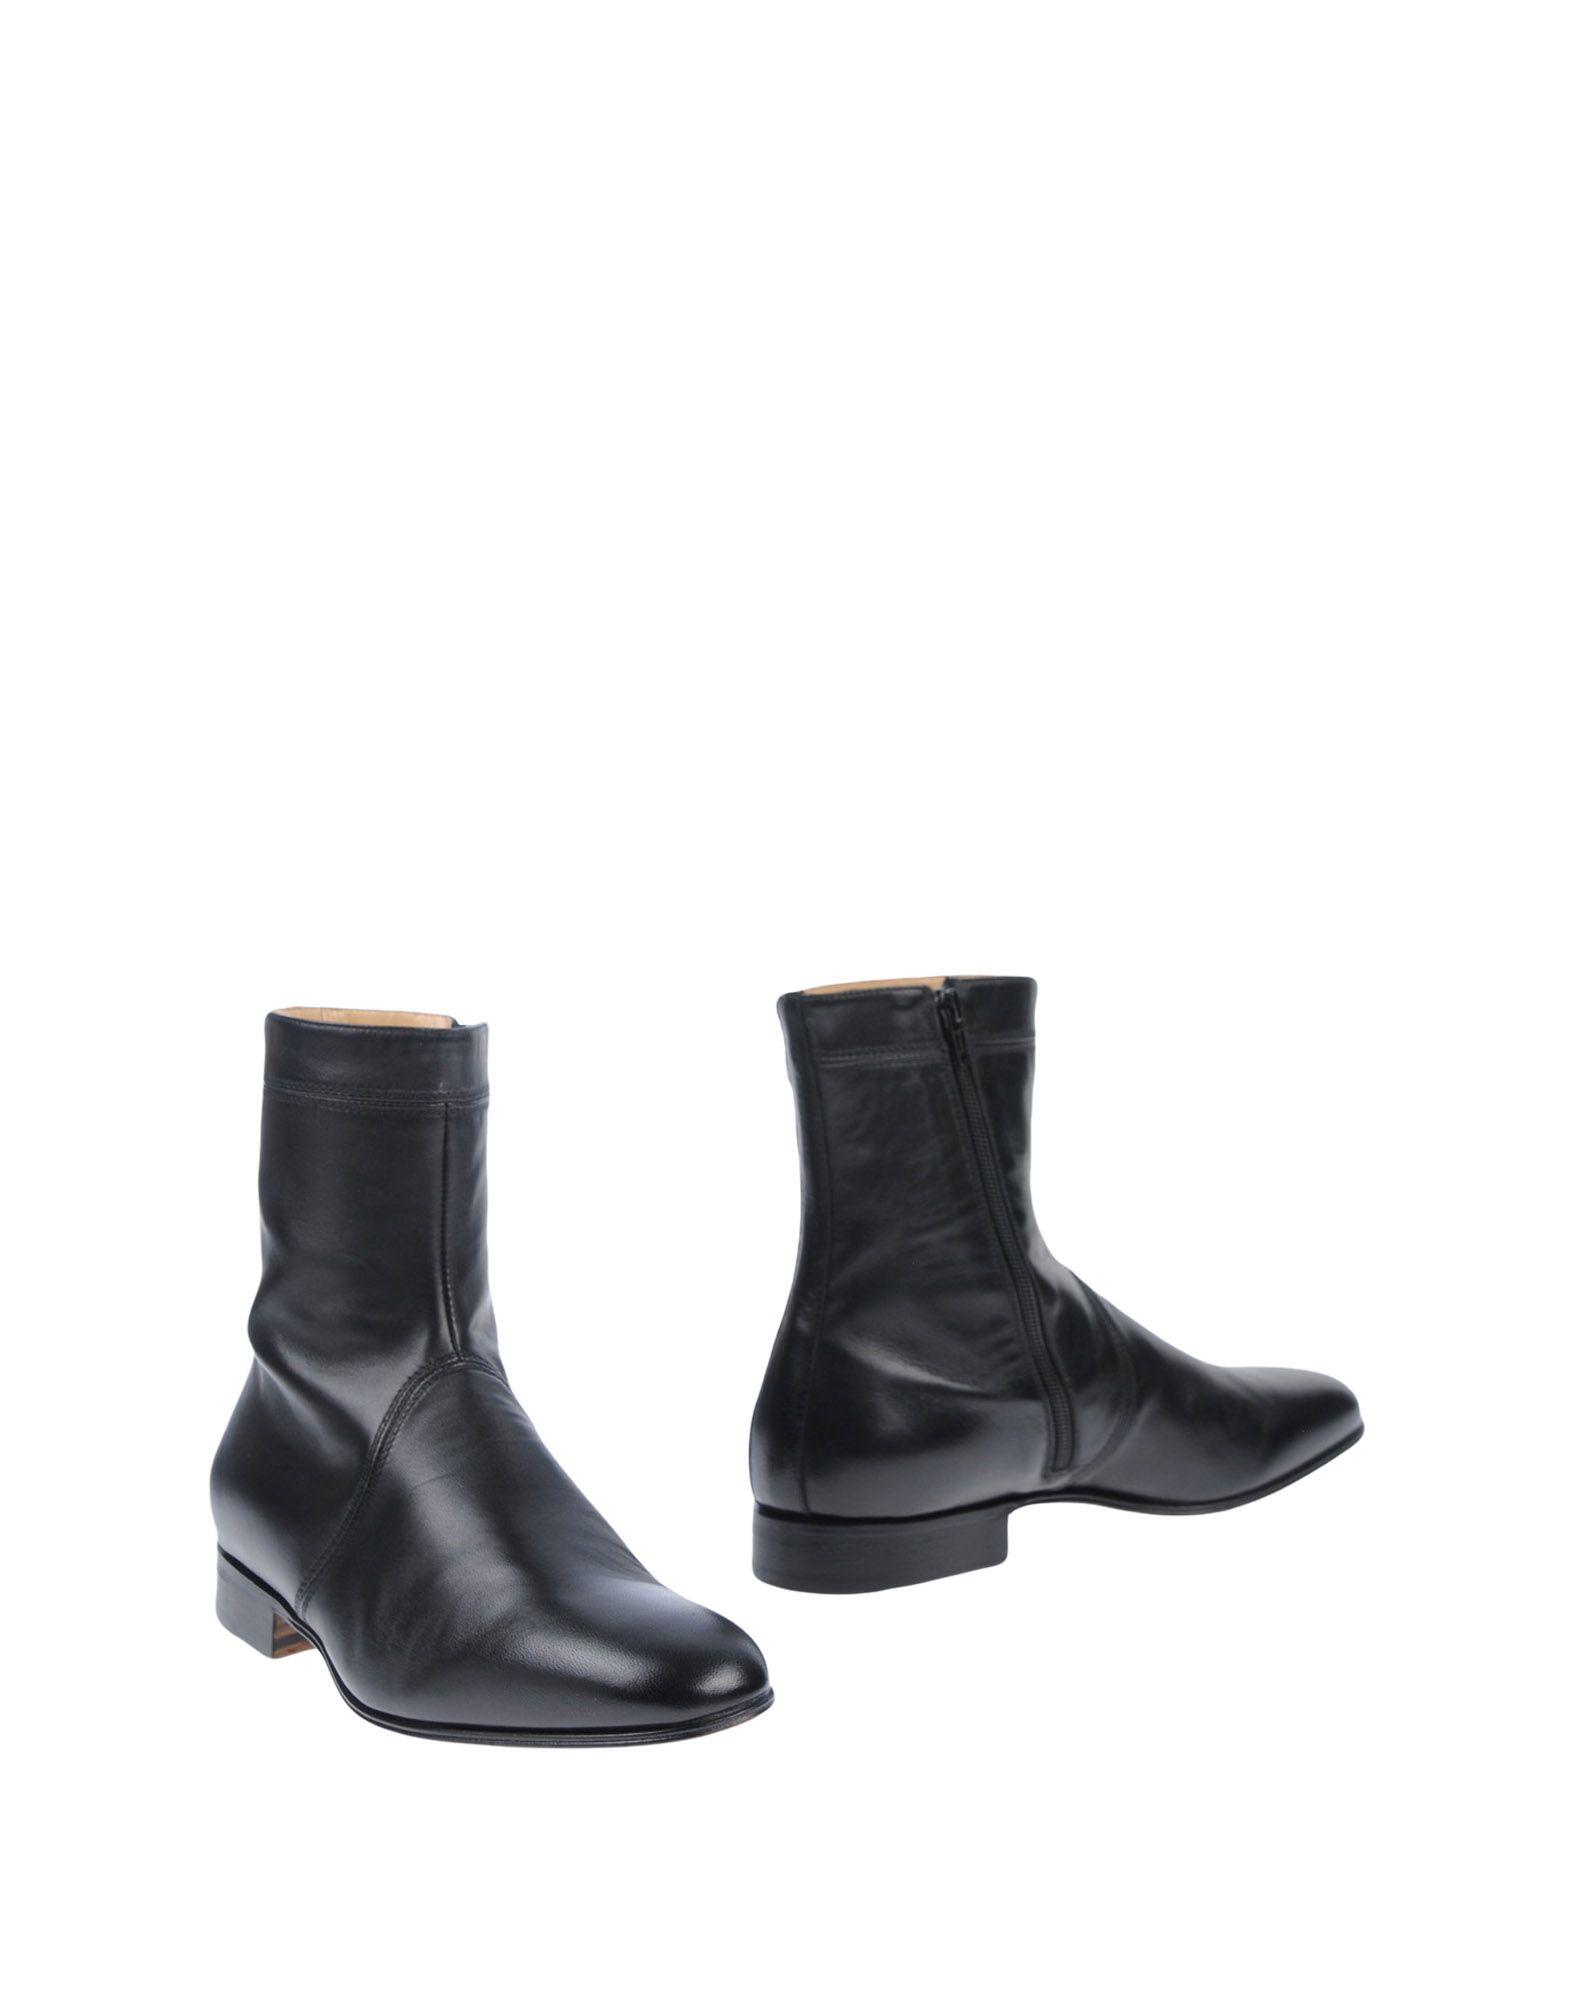 Carvil Paris Stiefelette Herren  11508246WU Gute Qualität beliebte Schuhe